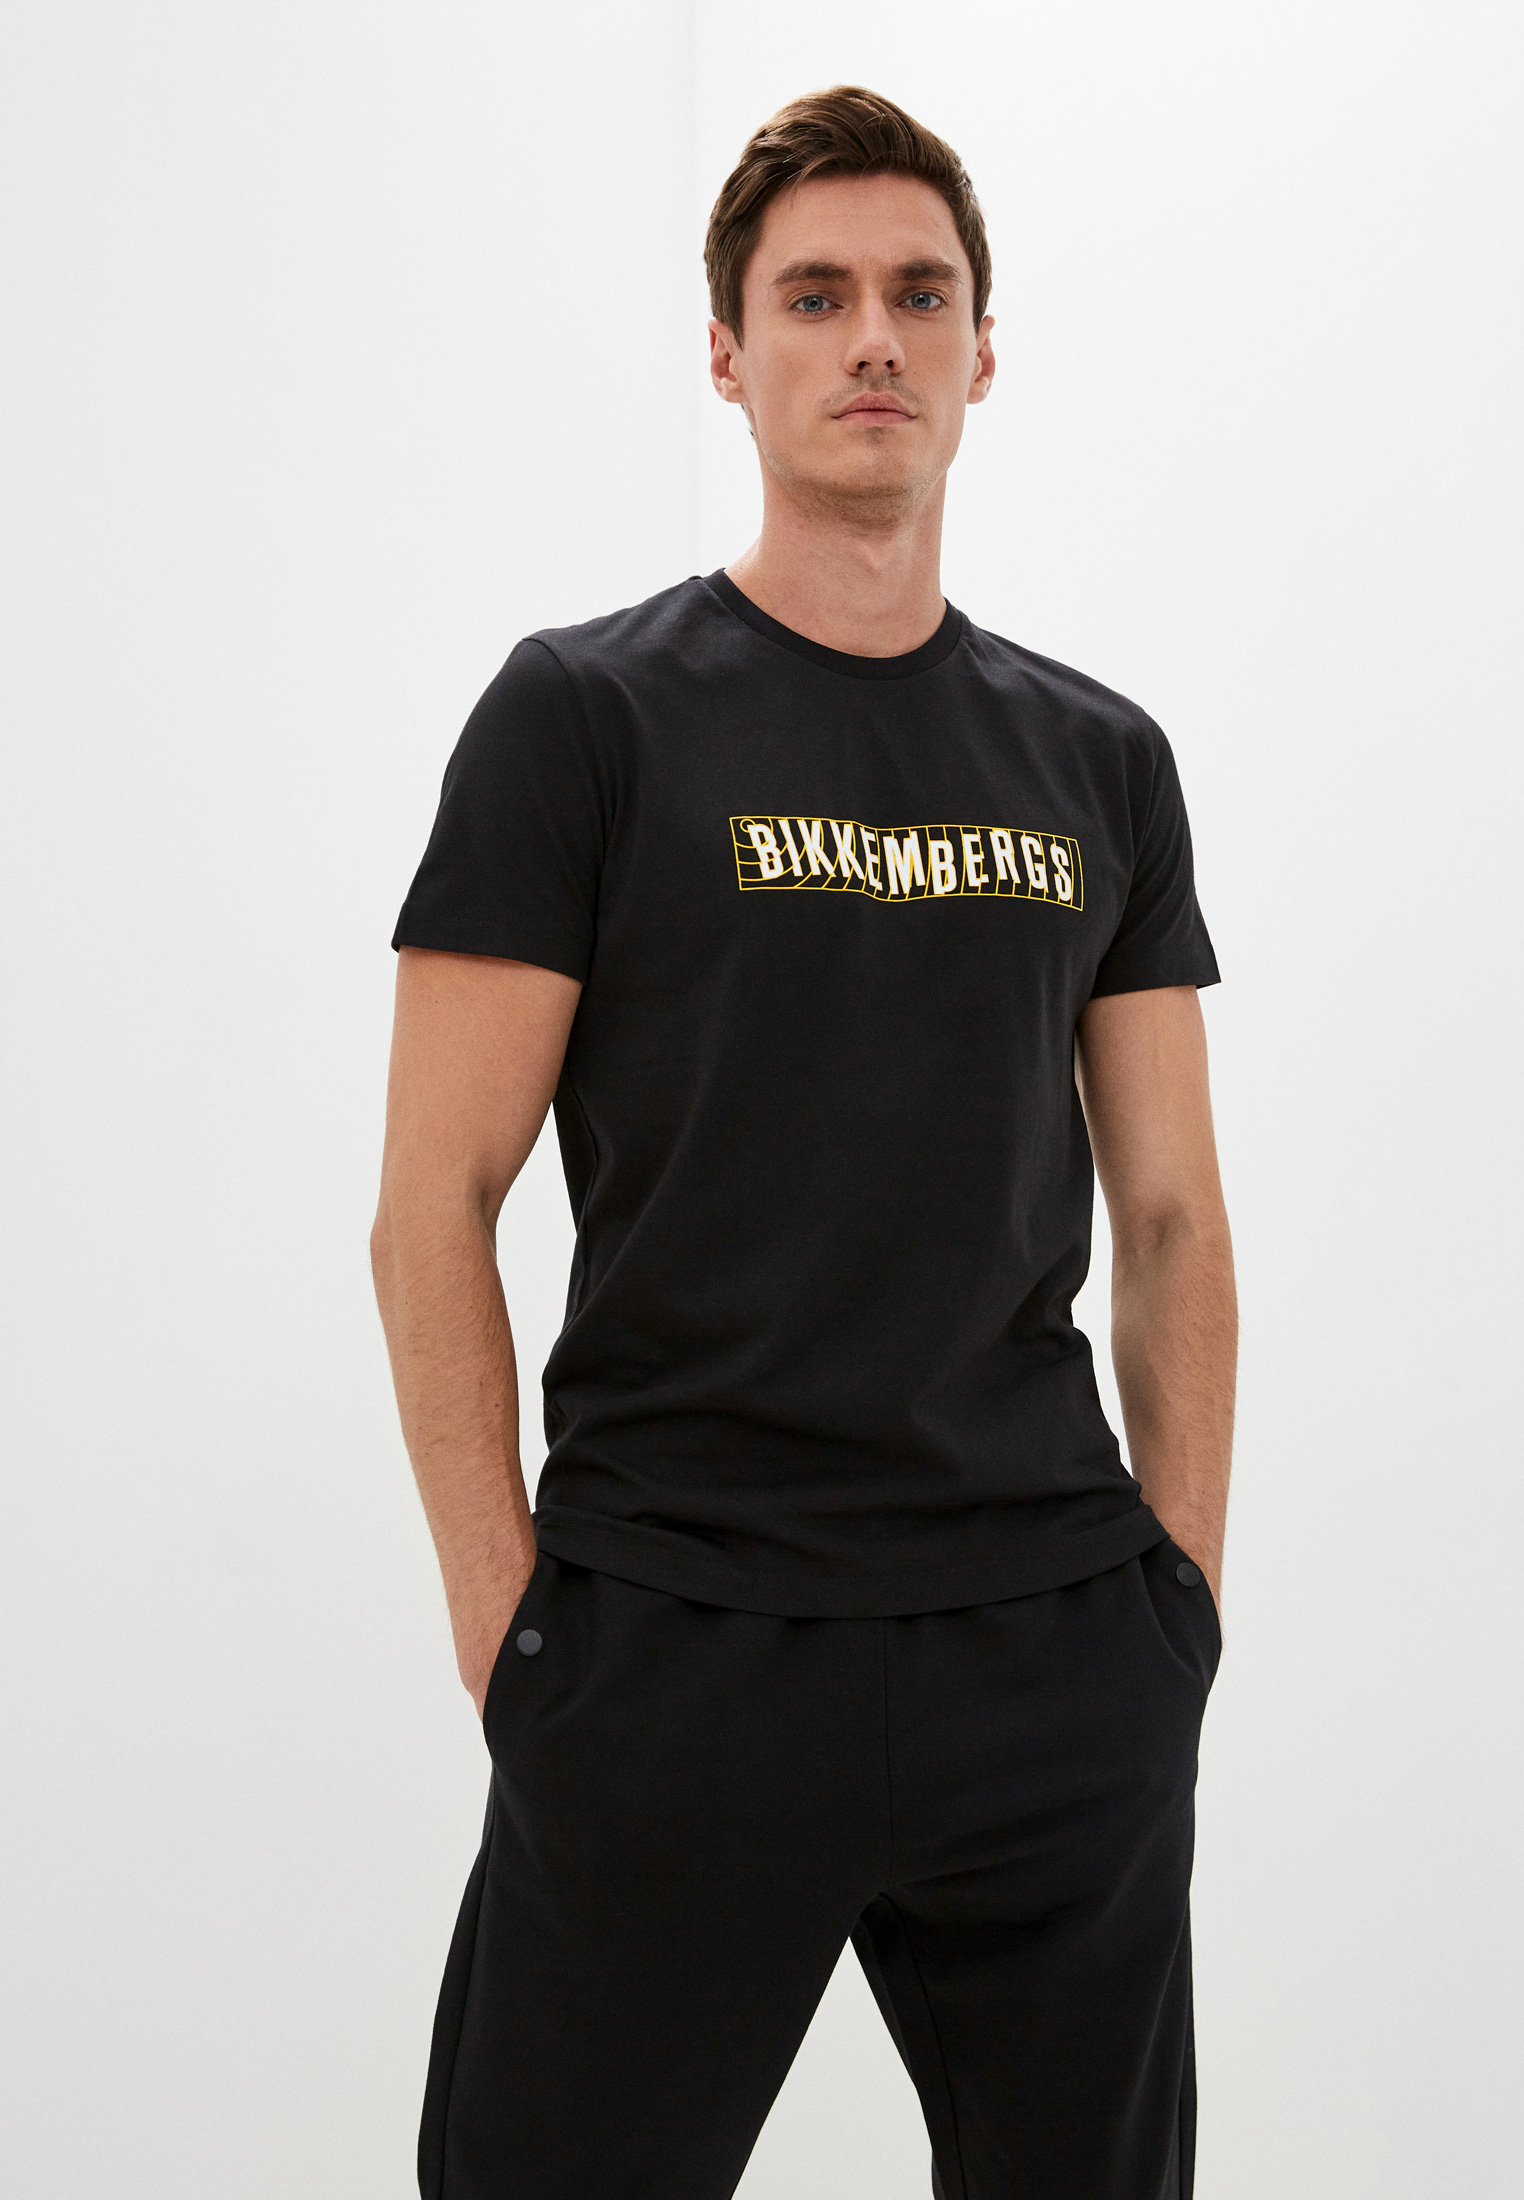 Мужская футболка Bikkembergs (Биккембергс) C 4 101 45 M 4298